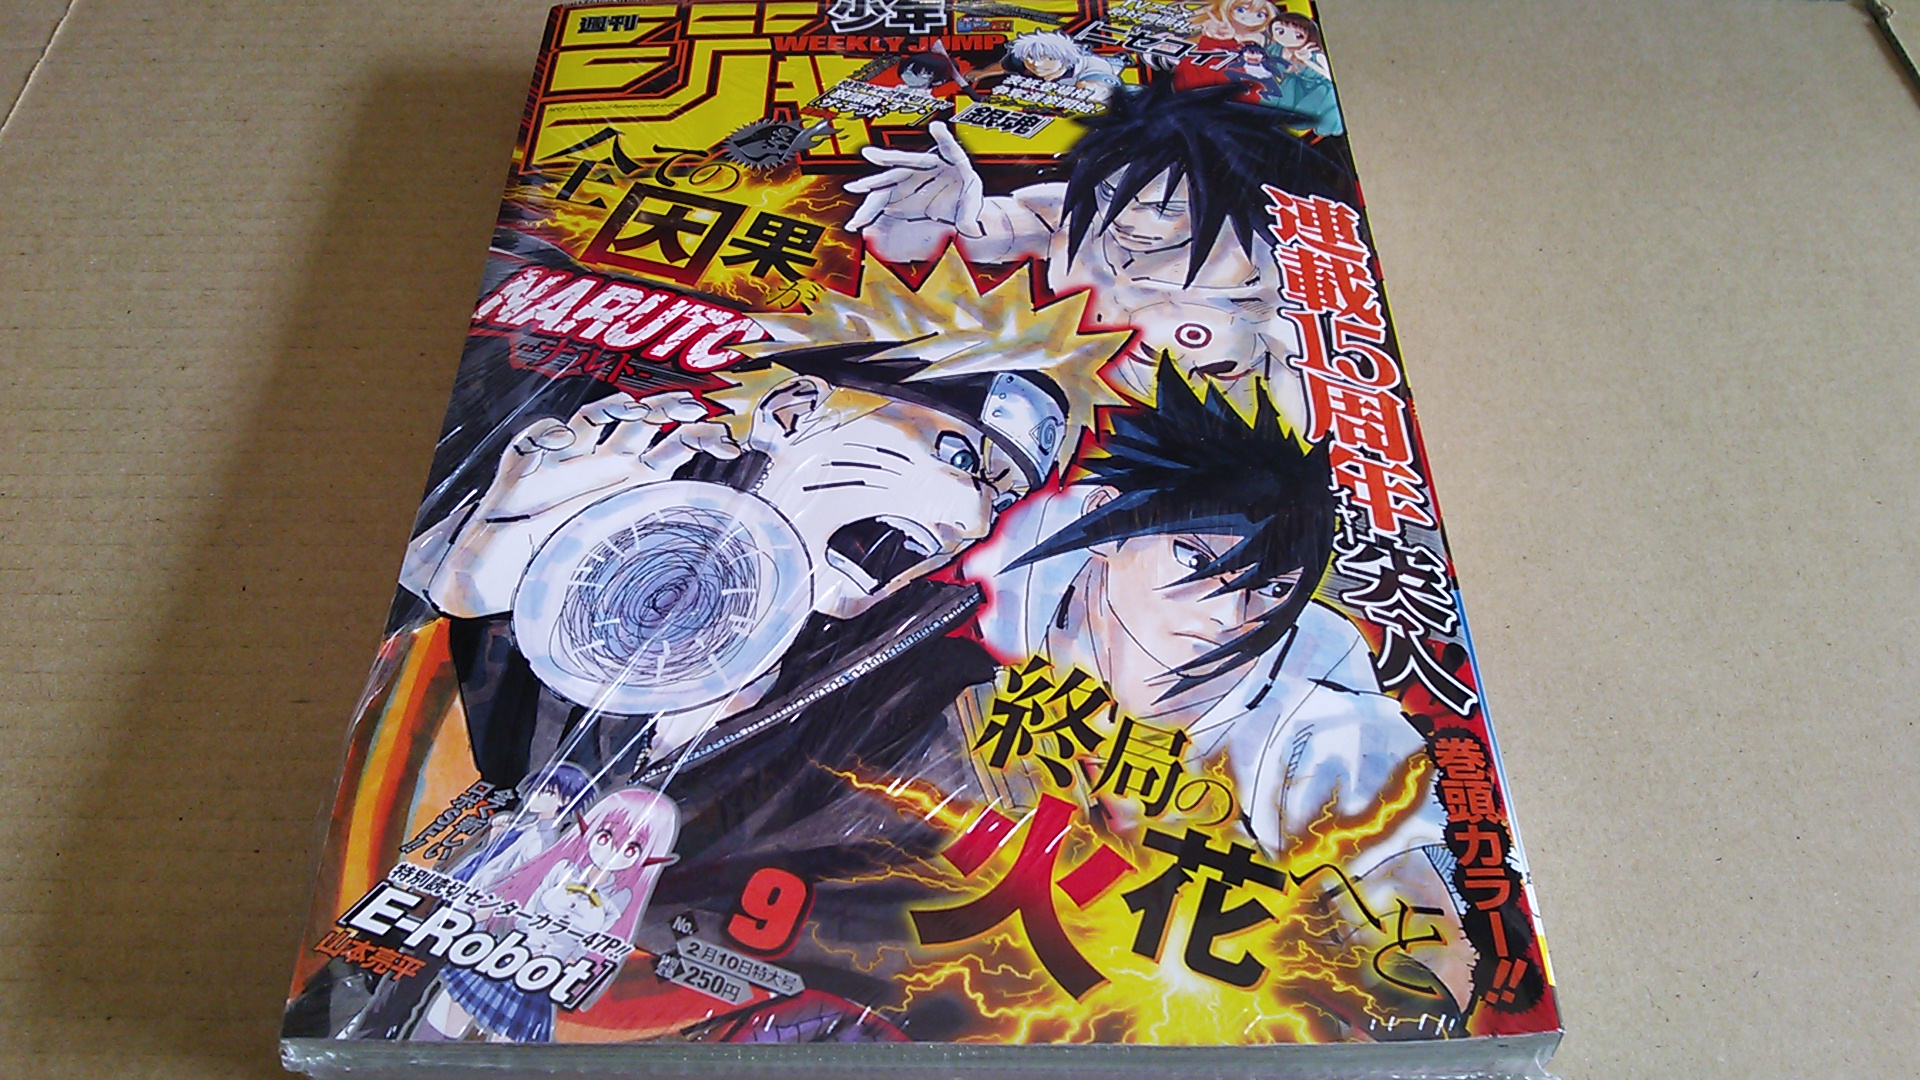 「週刊少年ジャンプ2014年 09号」購入。ナルト15周年イヤー突入!